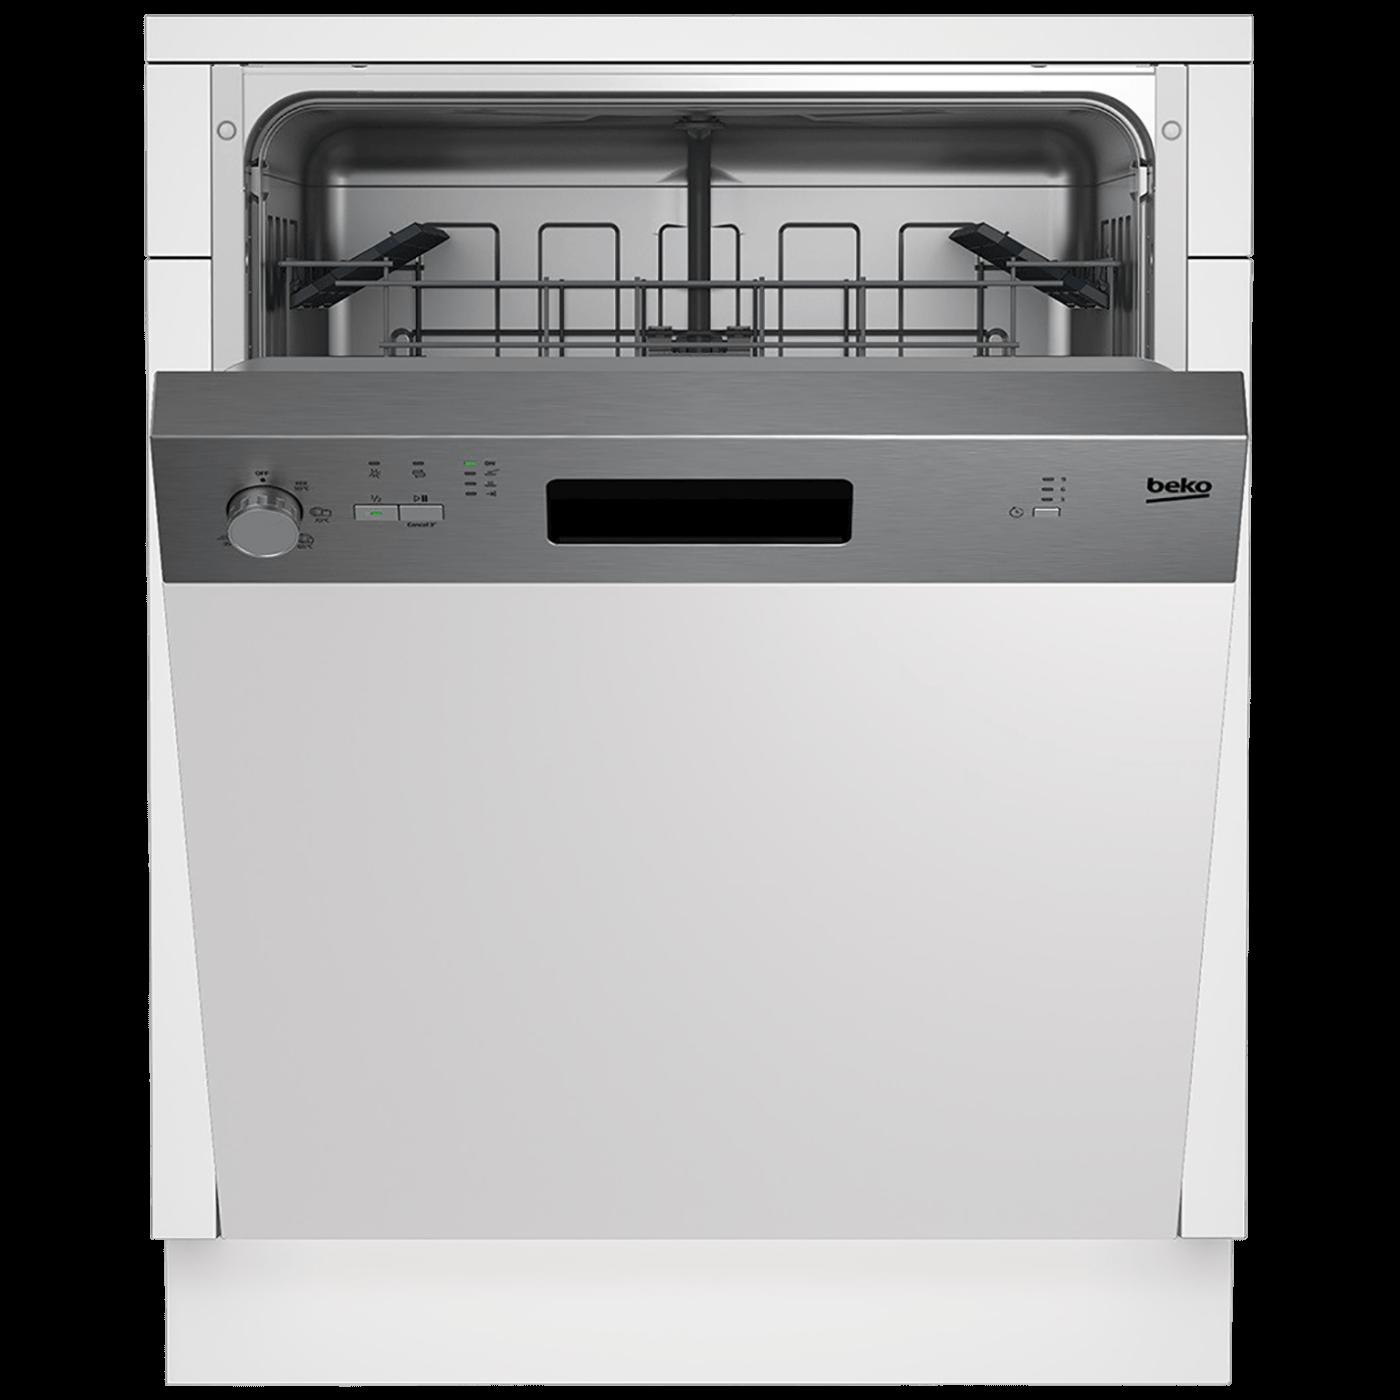 Ugradbena  mašina za suđe, 13 setova,5 programa, INOX, A+